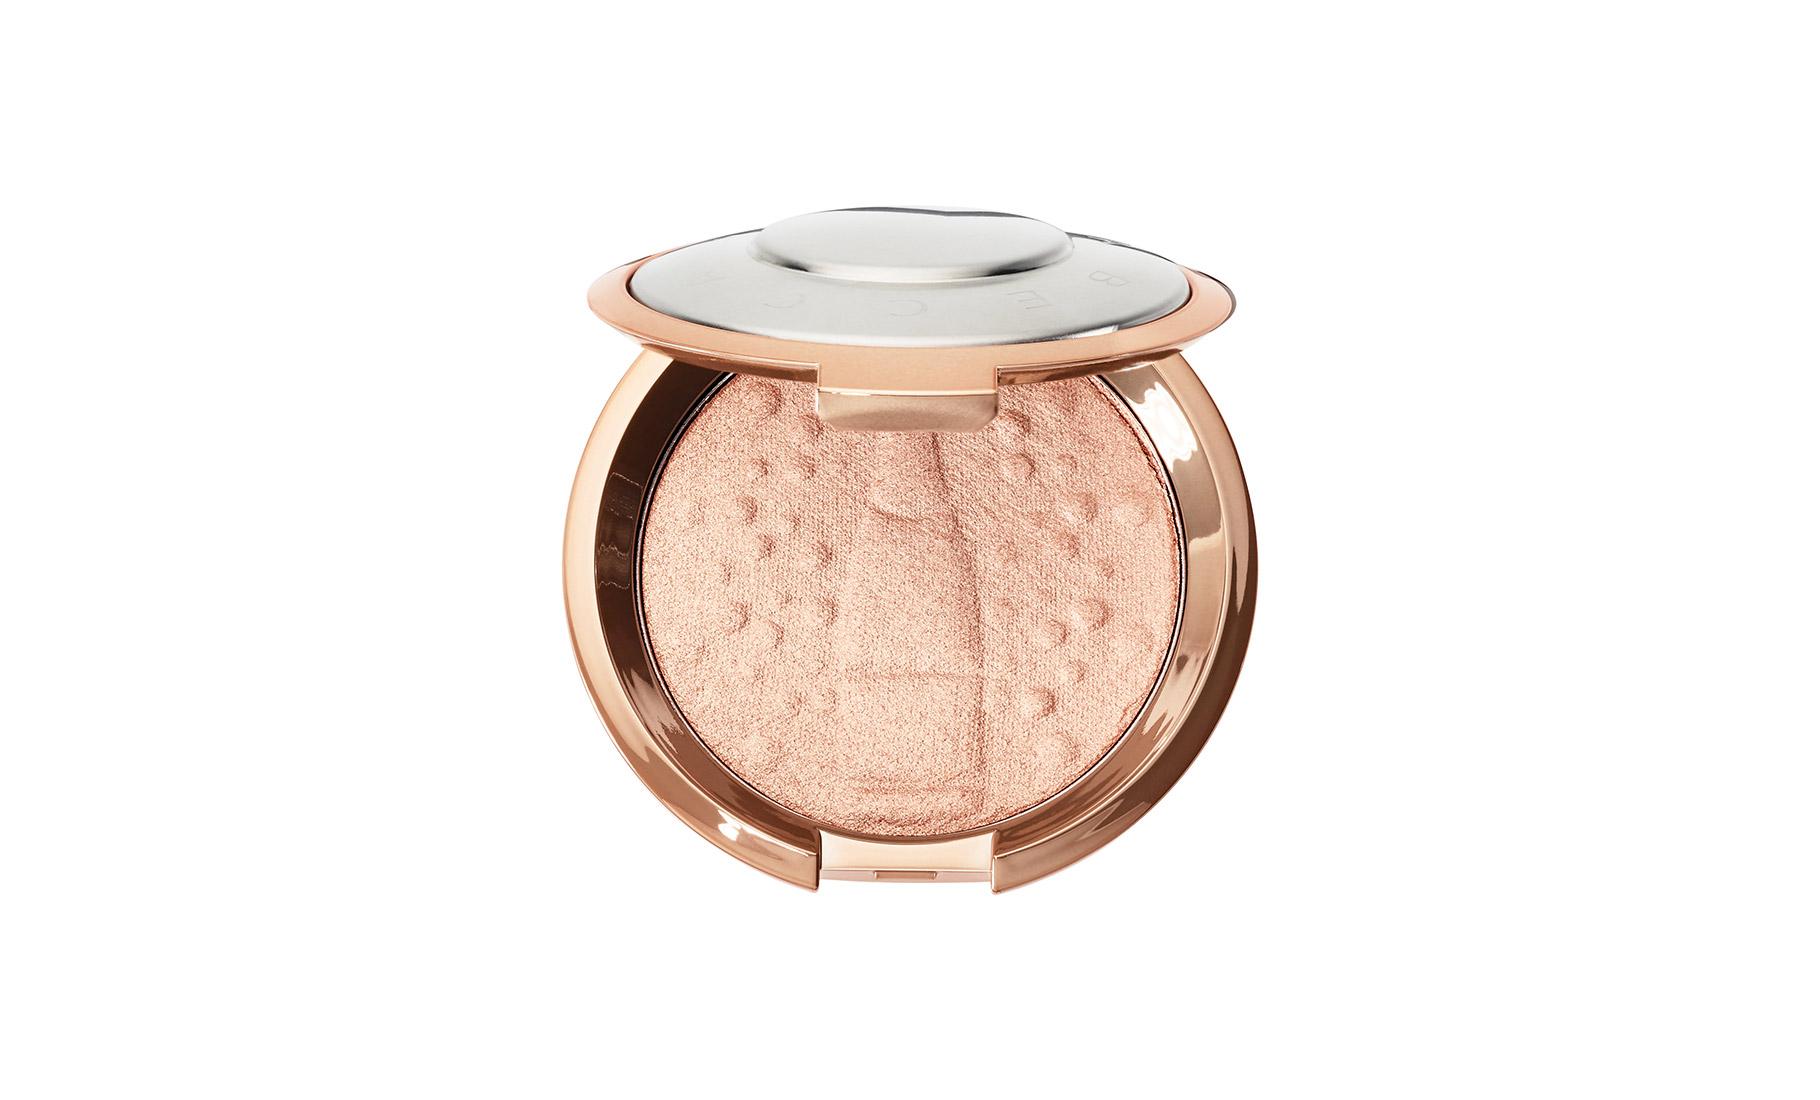 BECCA Shimmering Skin Pressed Highlighter